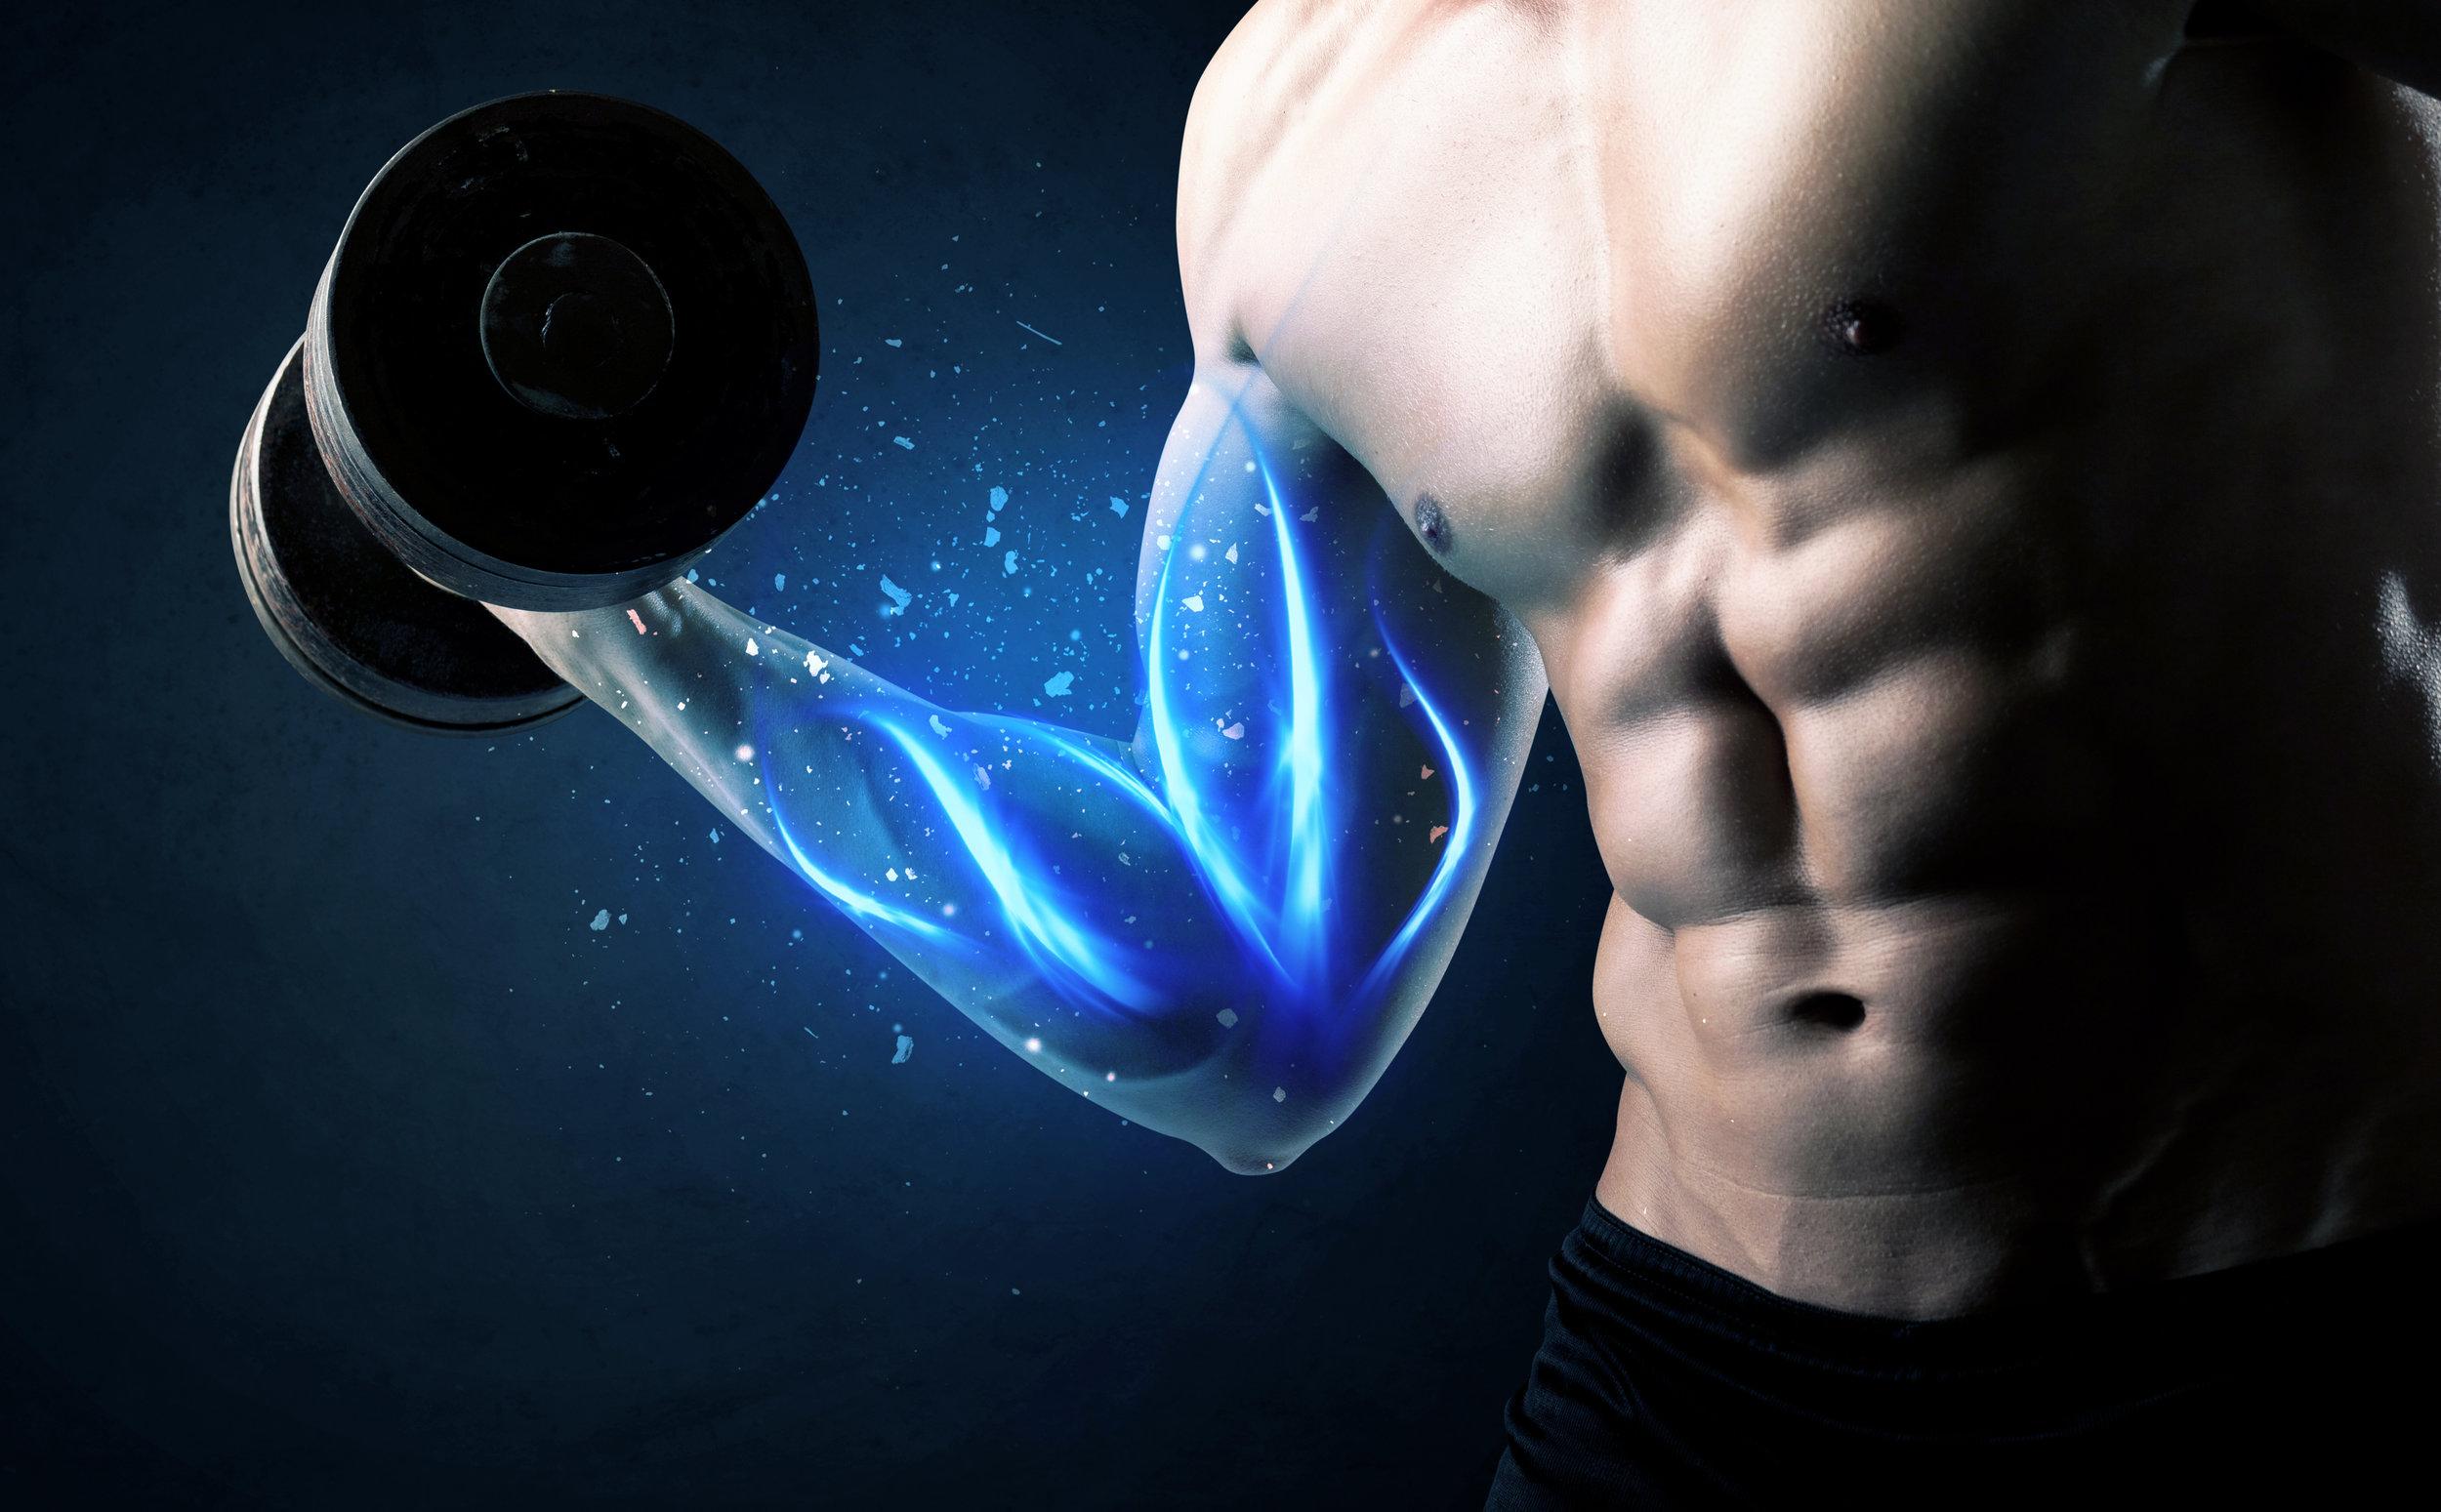 Muskeln ab 30+ - Du bist mindestens 30 Jahre und möchtest deinen körperweiterhin gesund fit halten? Dann bist du bei diesemProgramm genau richtig!